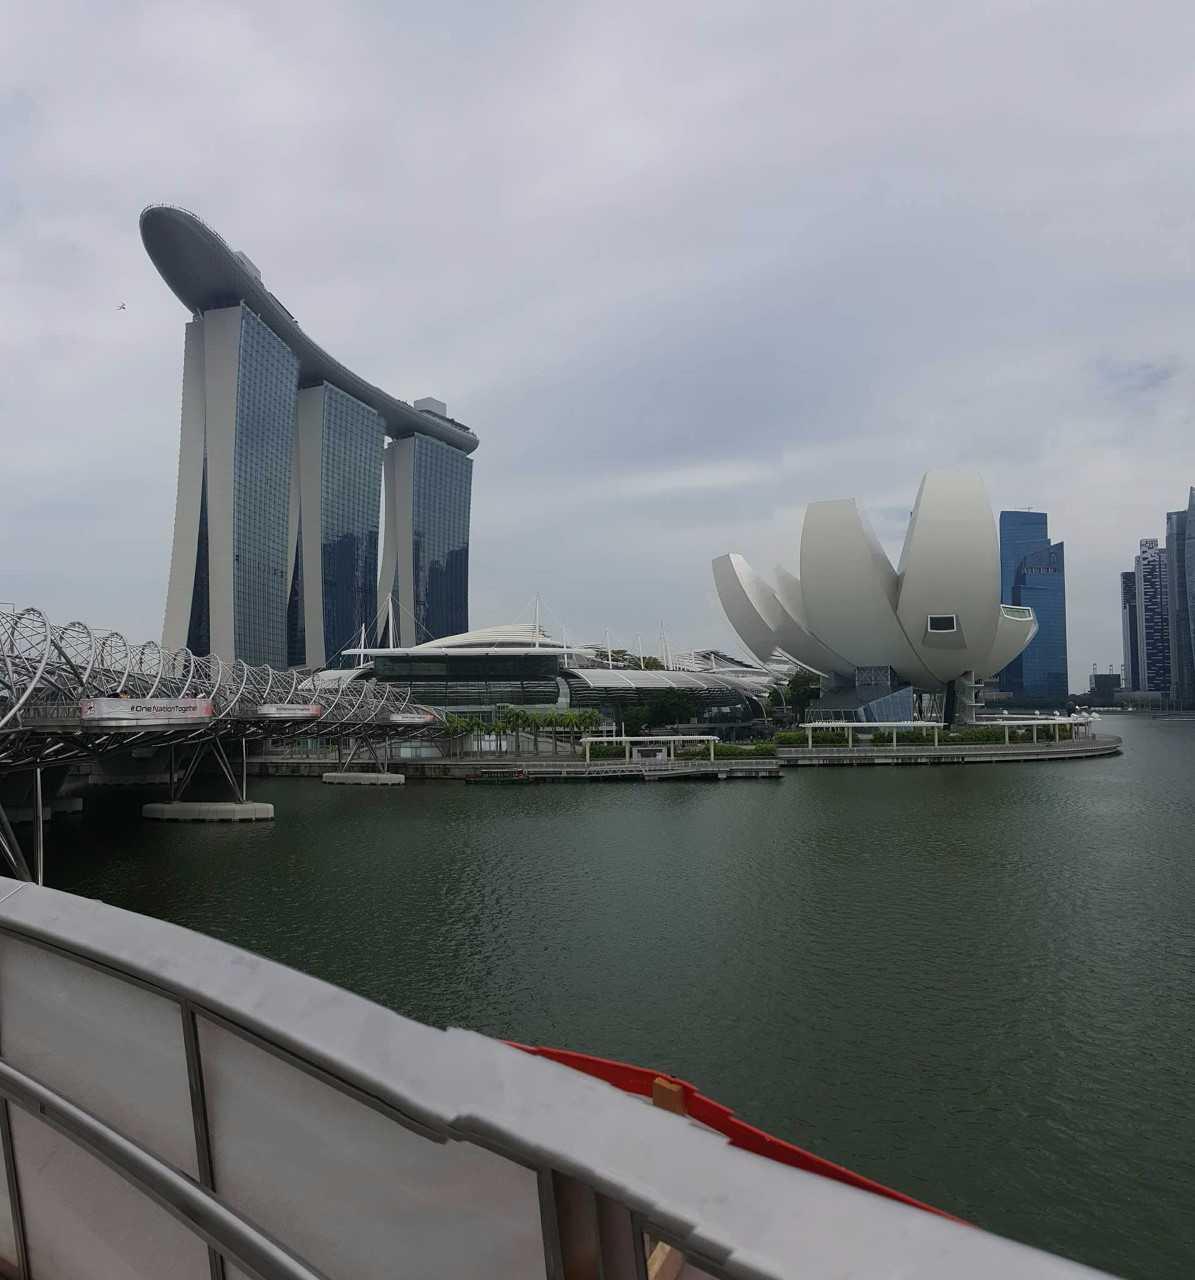 Bilde av horisonten i Singapore med ulike bygninger.